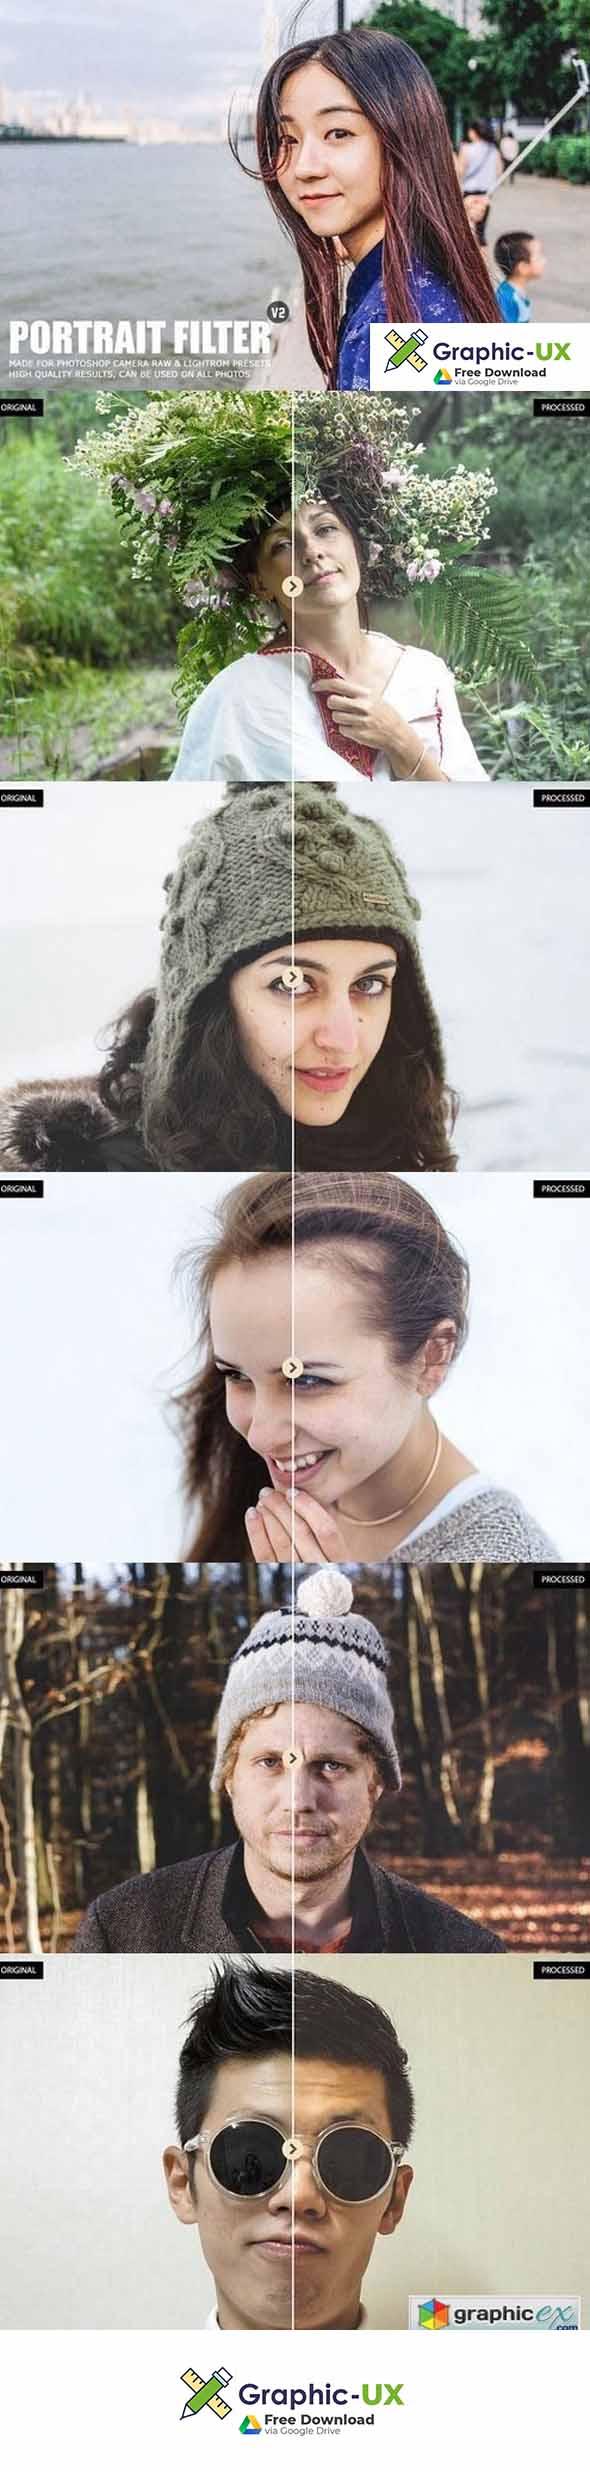 Pro Portrait Lightroom Presets Ver. 2